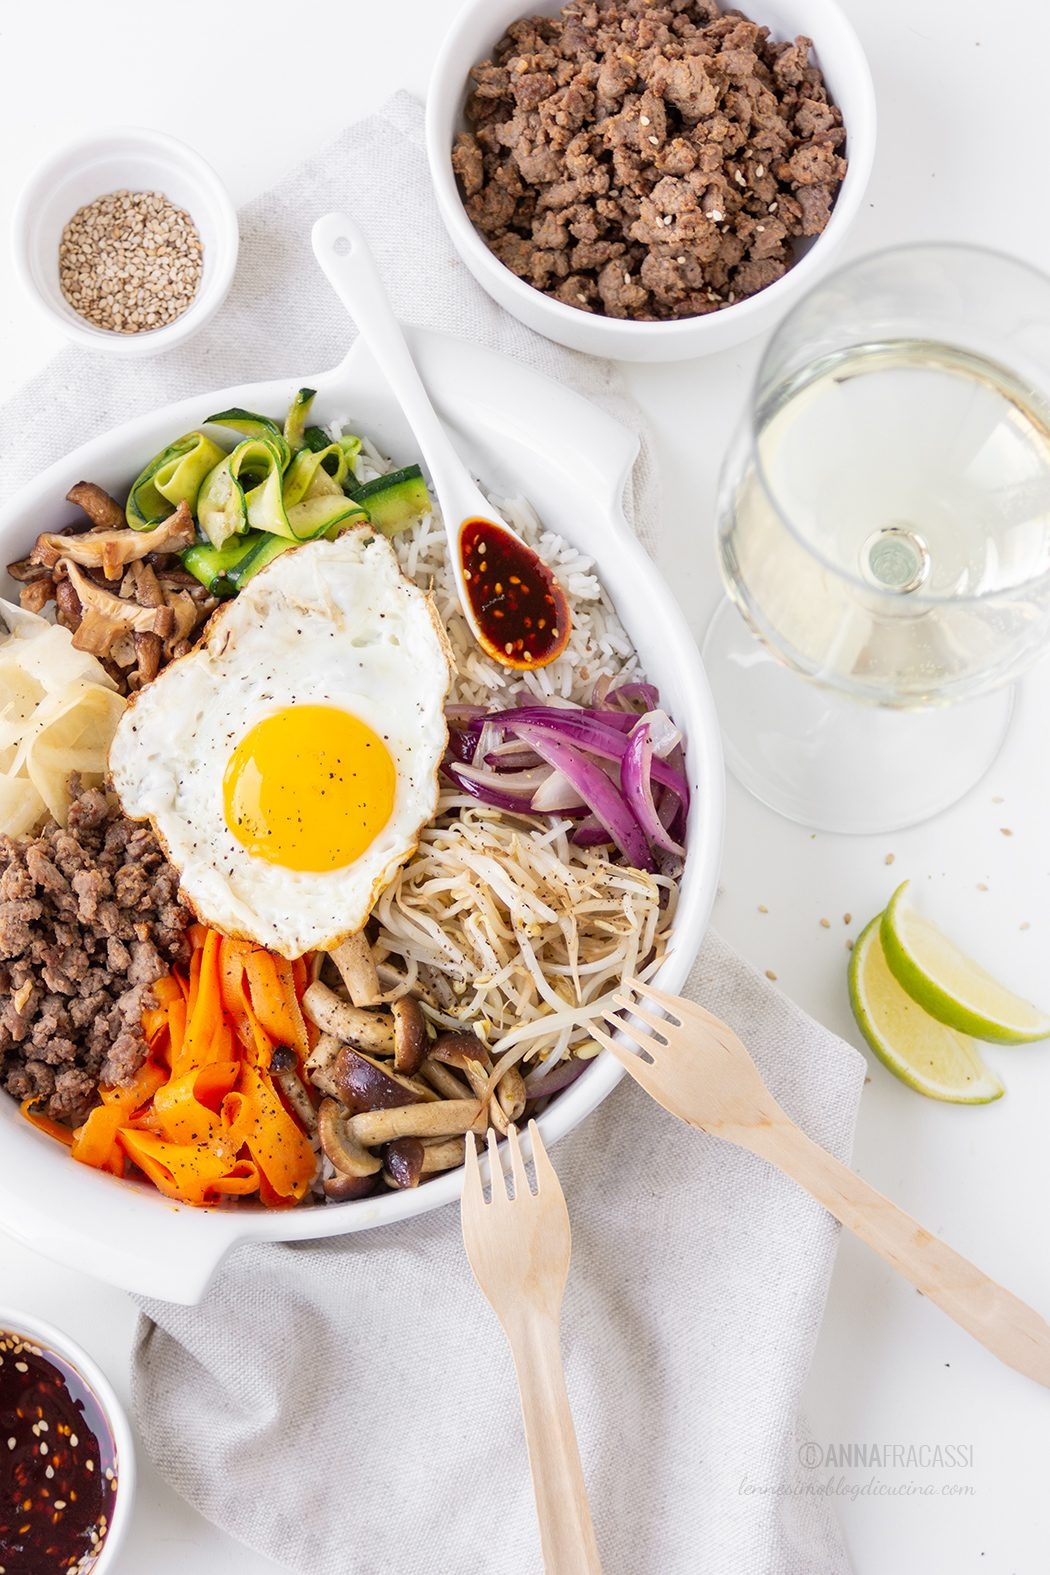 La ricetta del bibimbap: riso alla coreana con verdure al salto